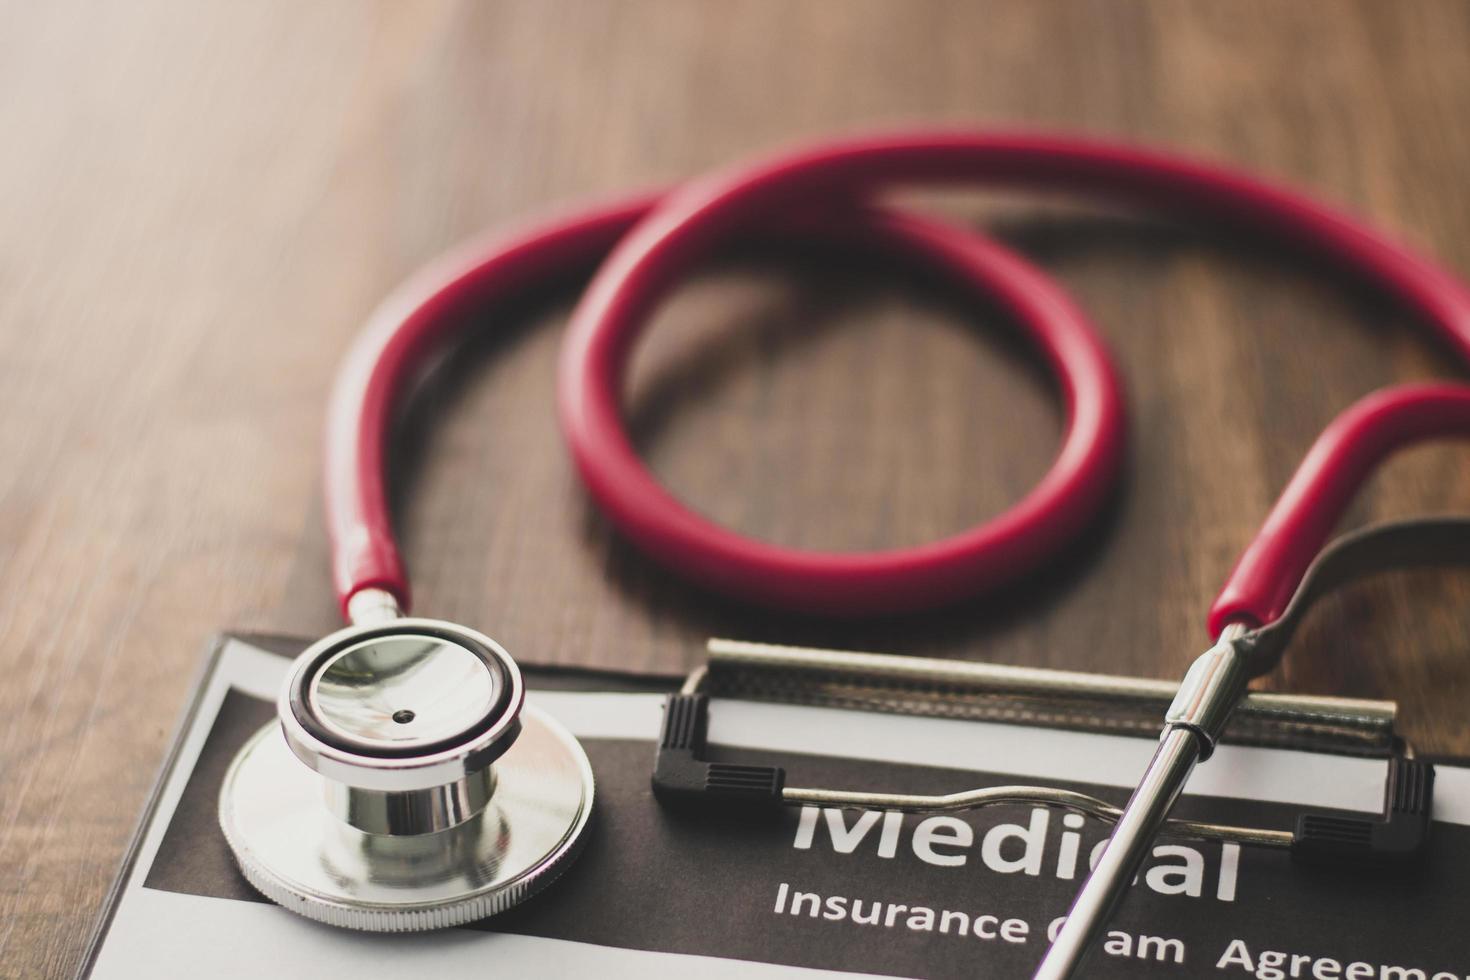 stetoscopio rosso e appunti sul tavolo foto